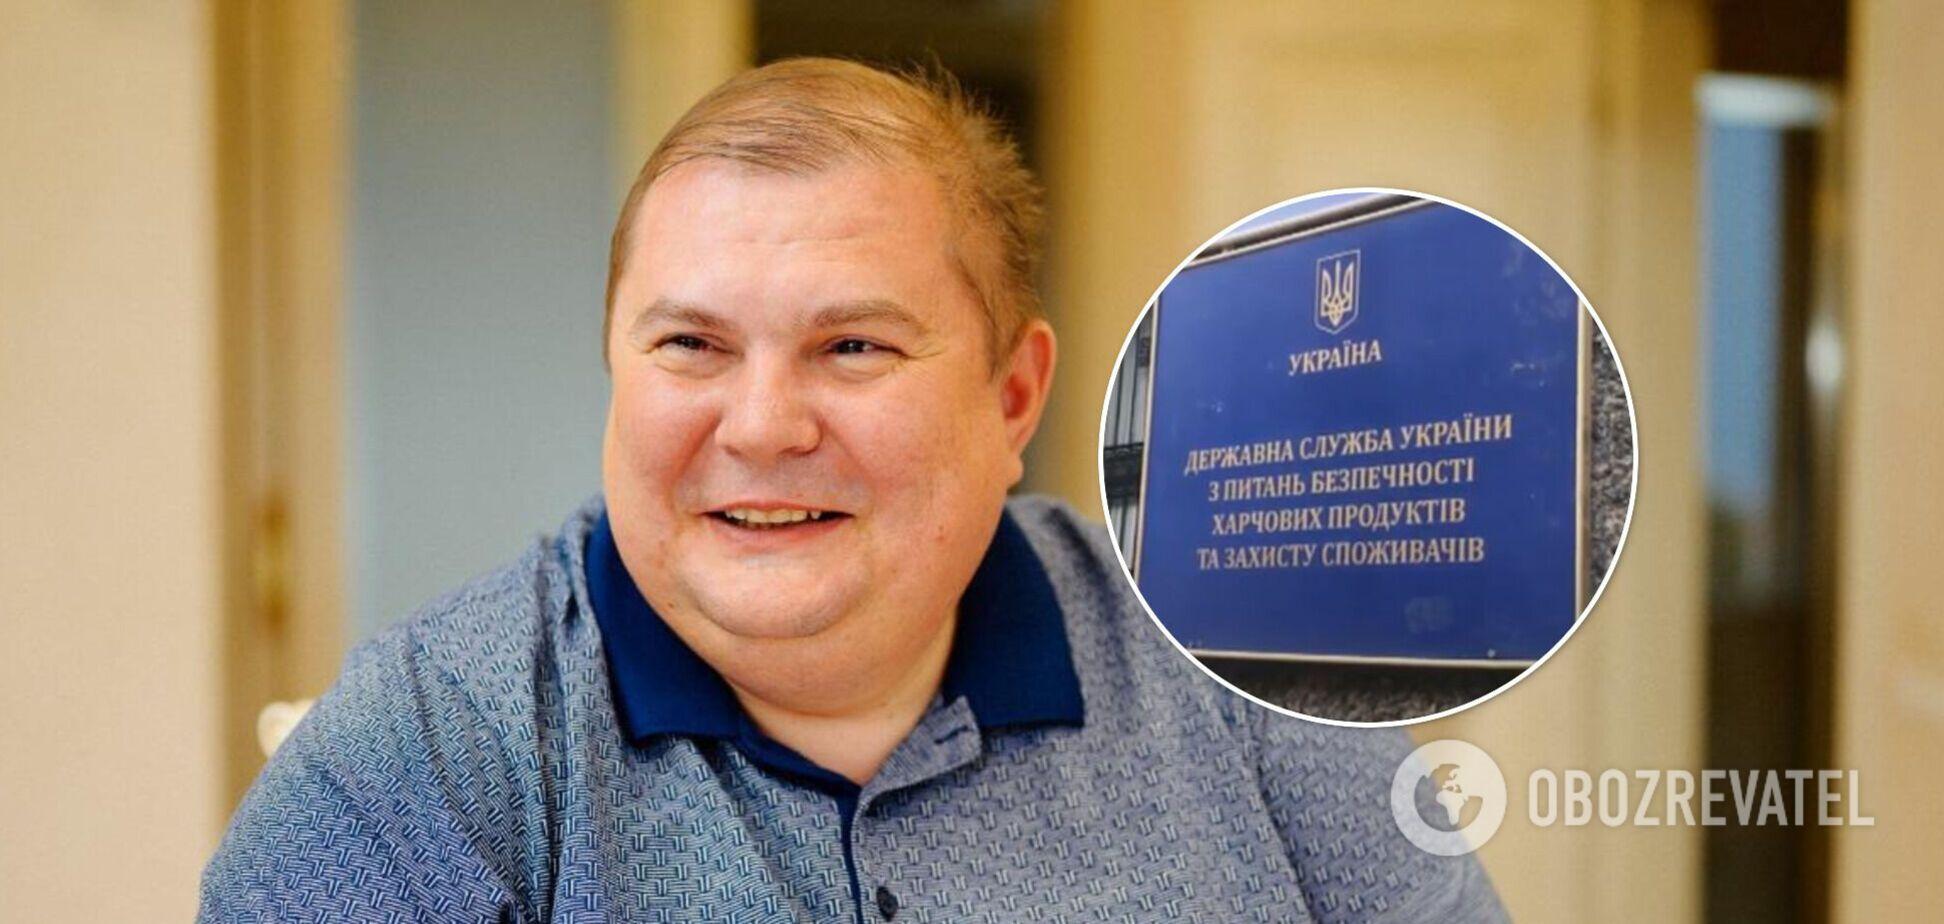 Экс-глава Одесской таможни Пудрик получил новую 'хлебную' должность. Фото